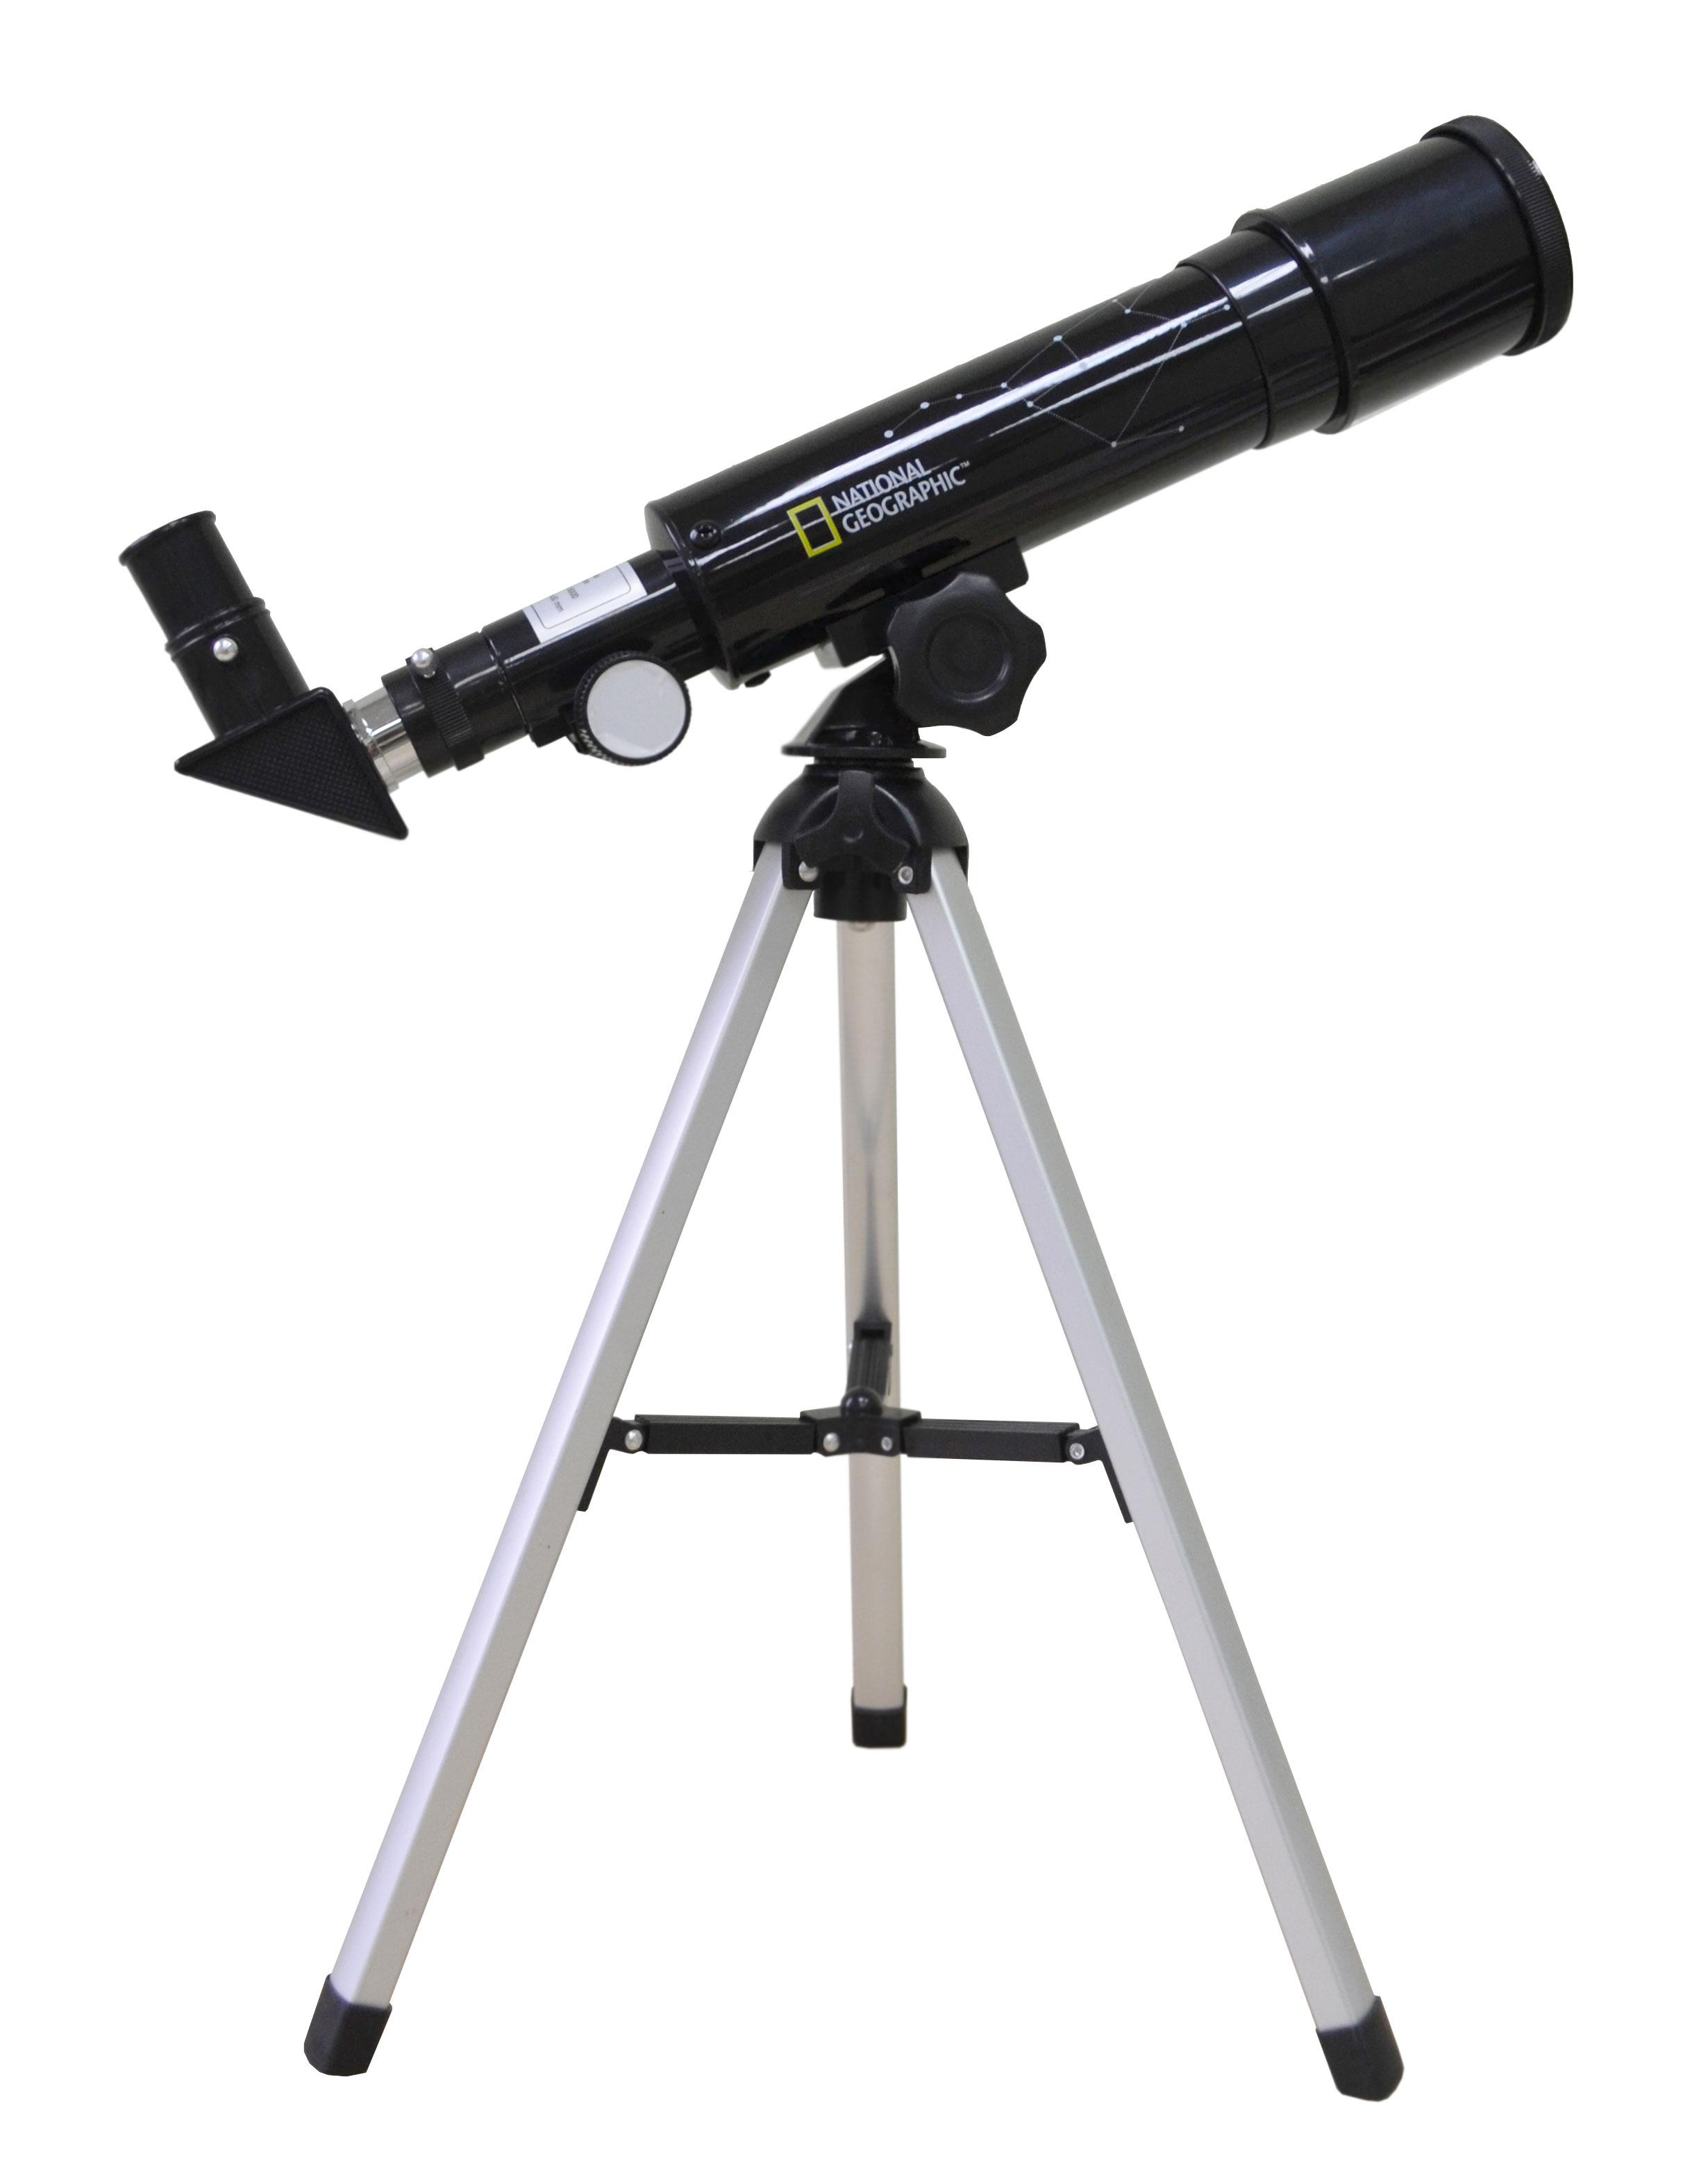 Bresser National Geographic 50/360 AZ телескоп9118001Bresser National Geographic 50/360 AZ представляет собой короткофокусный ахроматический рефрактор. Телескоп комплектуется двумя окулярами: 6 мм и 20 мм. Начинать наблюдения рекомендуется с окуляра с большим фокусным расстоянием, поскольку он имеет более широкое поле зрения и, соответственно, позволяет охватить большее пространство. Для детального изучения астрономических объектов нужно использовать окуляр 6 мм. В базовой комплектации телескоп имеет увеличение от 18 до 60 крат.Труба установлена на азимутальную монтировку. Монтировки такого типа очень просты в управлении и наилучшим образом подходят для визуальных наблюдений. Алюминиевая тренога мало весит и обеспечивает устойчивое положение прибора.В комплект входит диагональное зеркало, позволяющее вести наблюдения из более удобного положения.